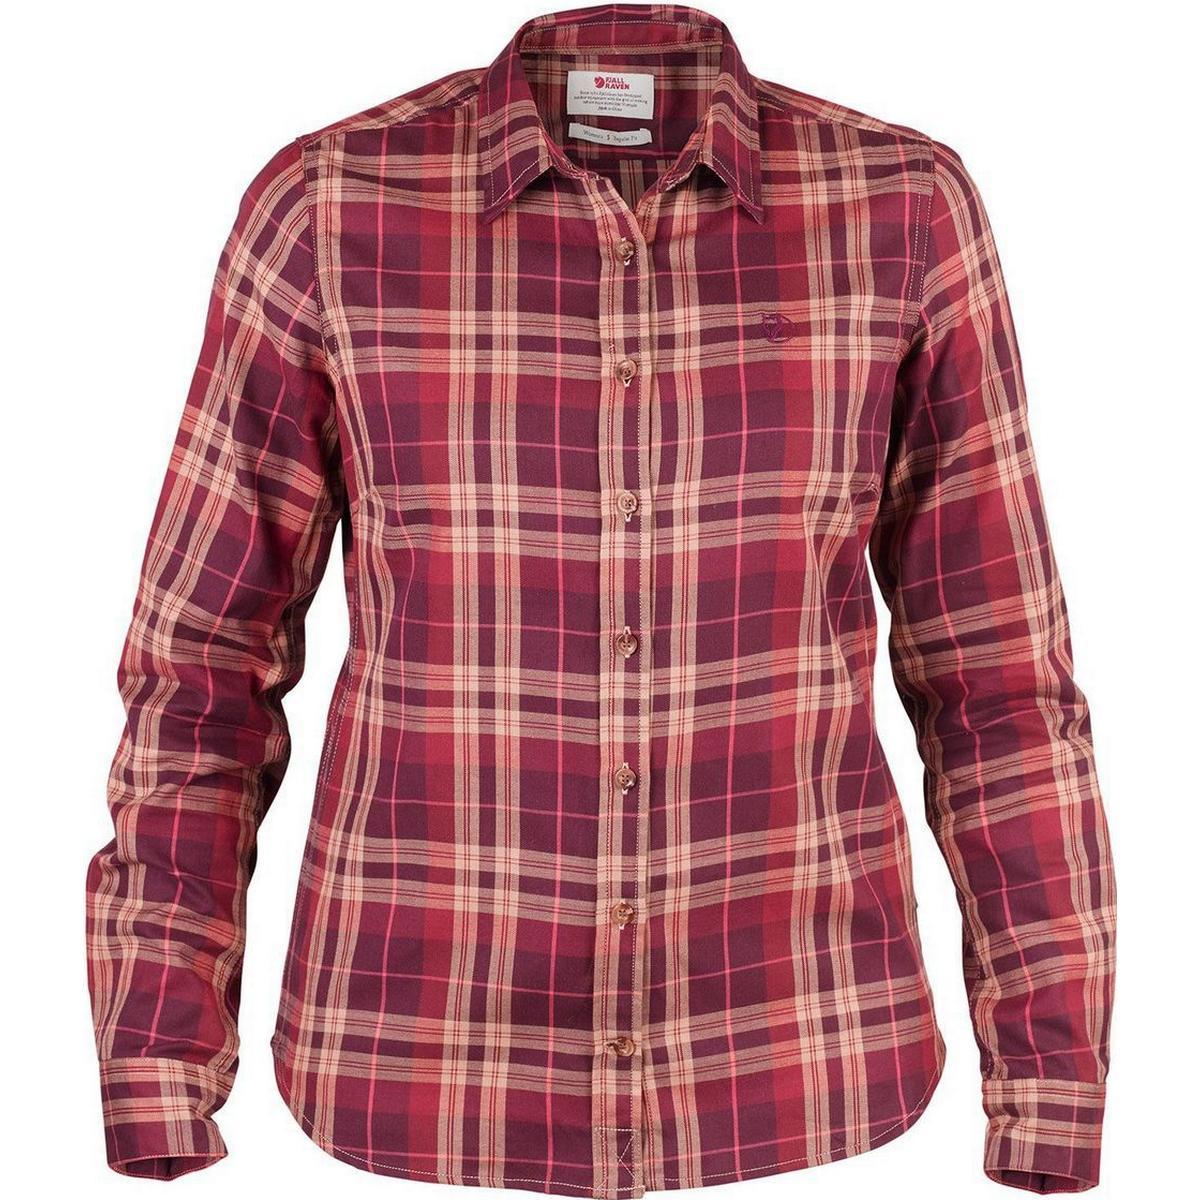 e187e2c2ff5 Fjällräven Skjorte Dametøj - Sammenlign priser hos PriceRunner